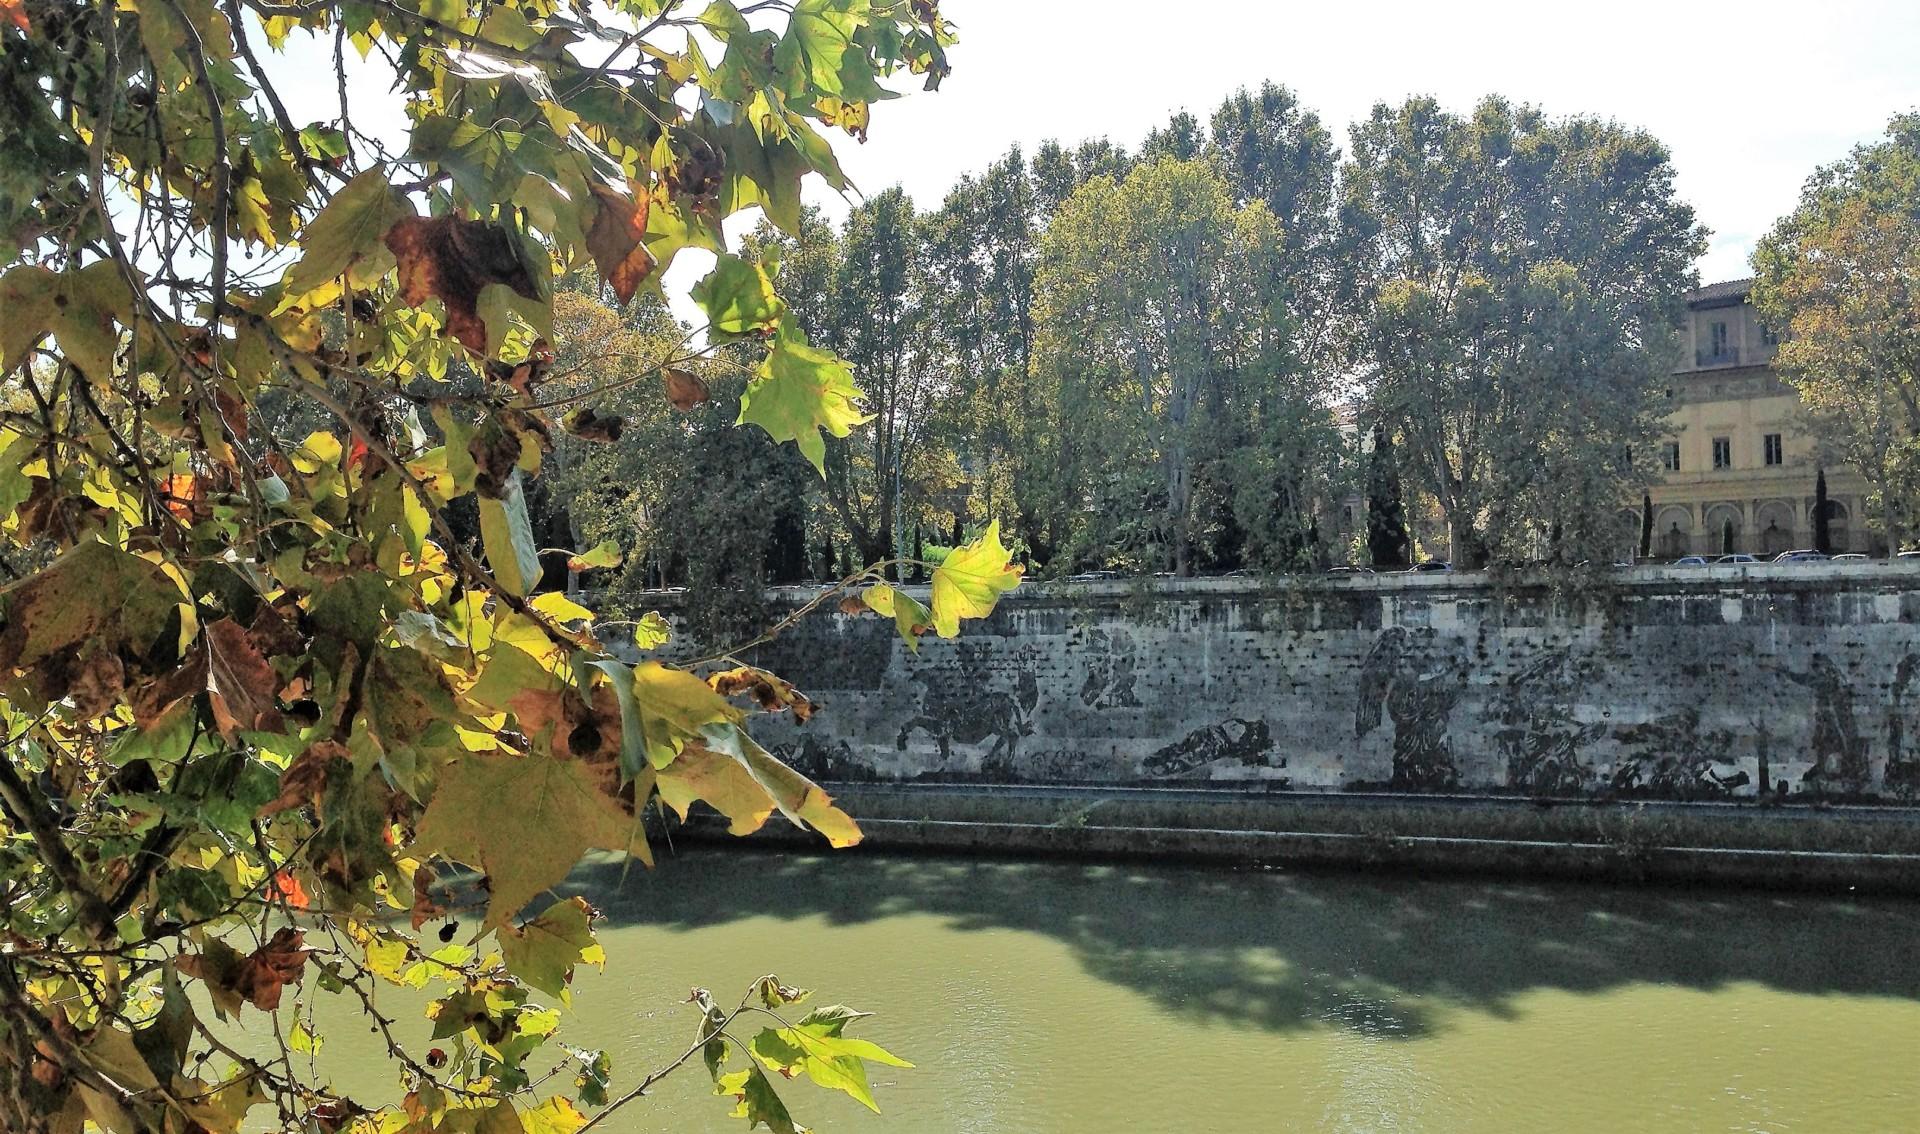 Am Tiberufer, Blick auf das verblassende Werk von William Kentridge